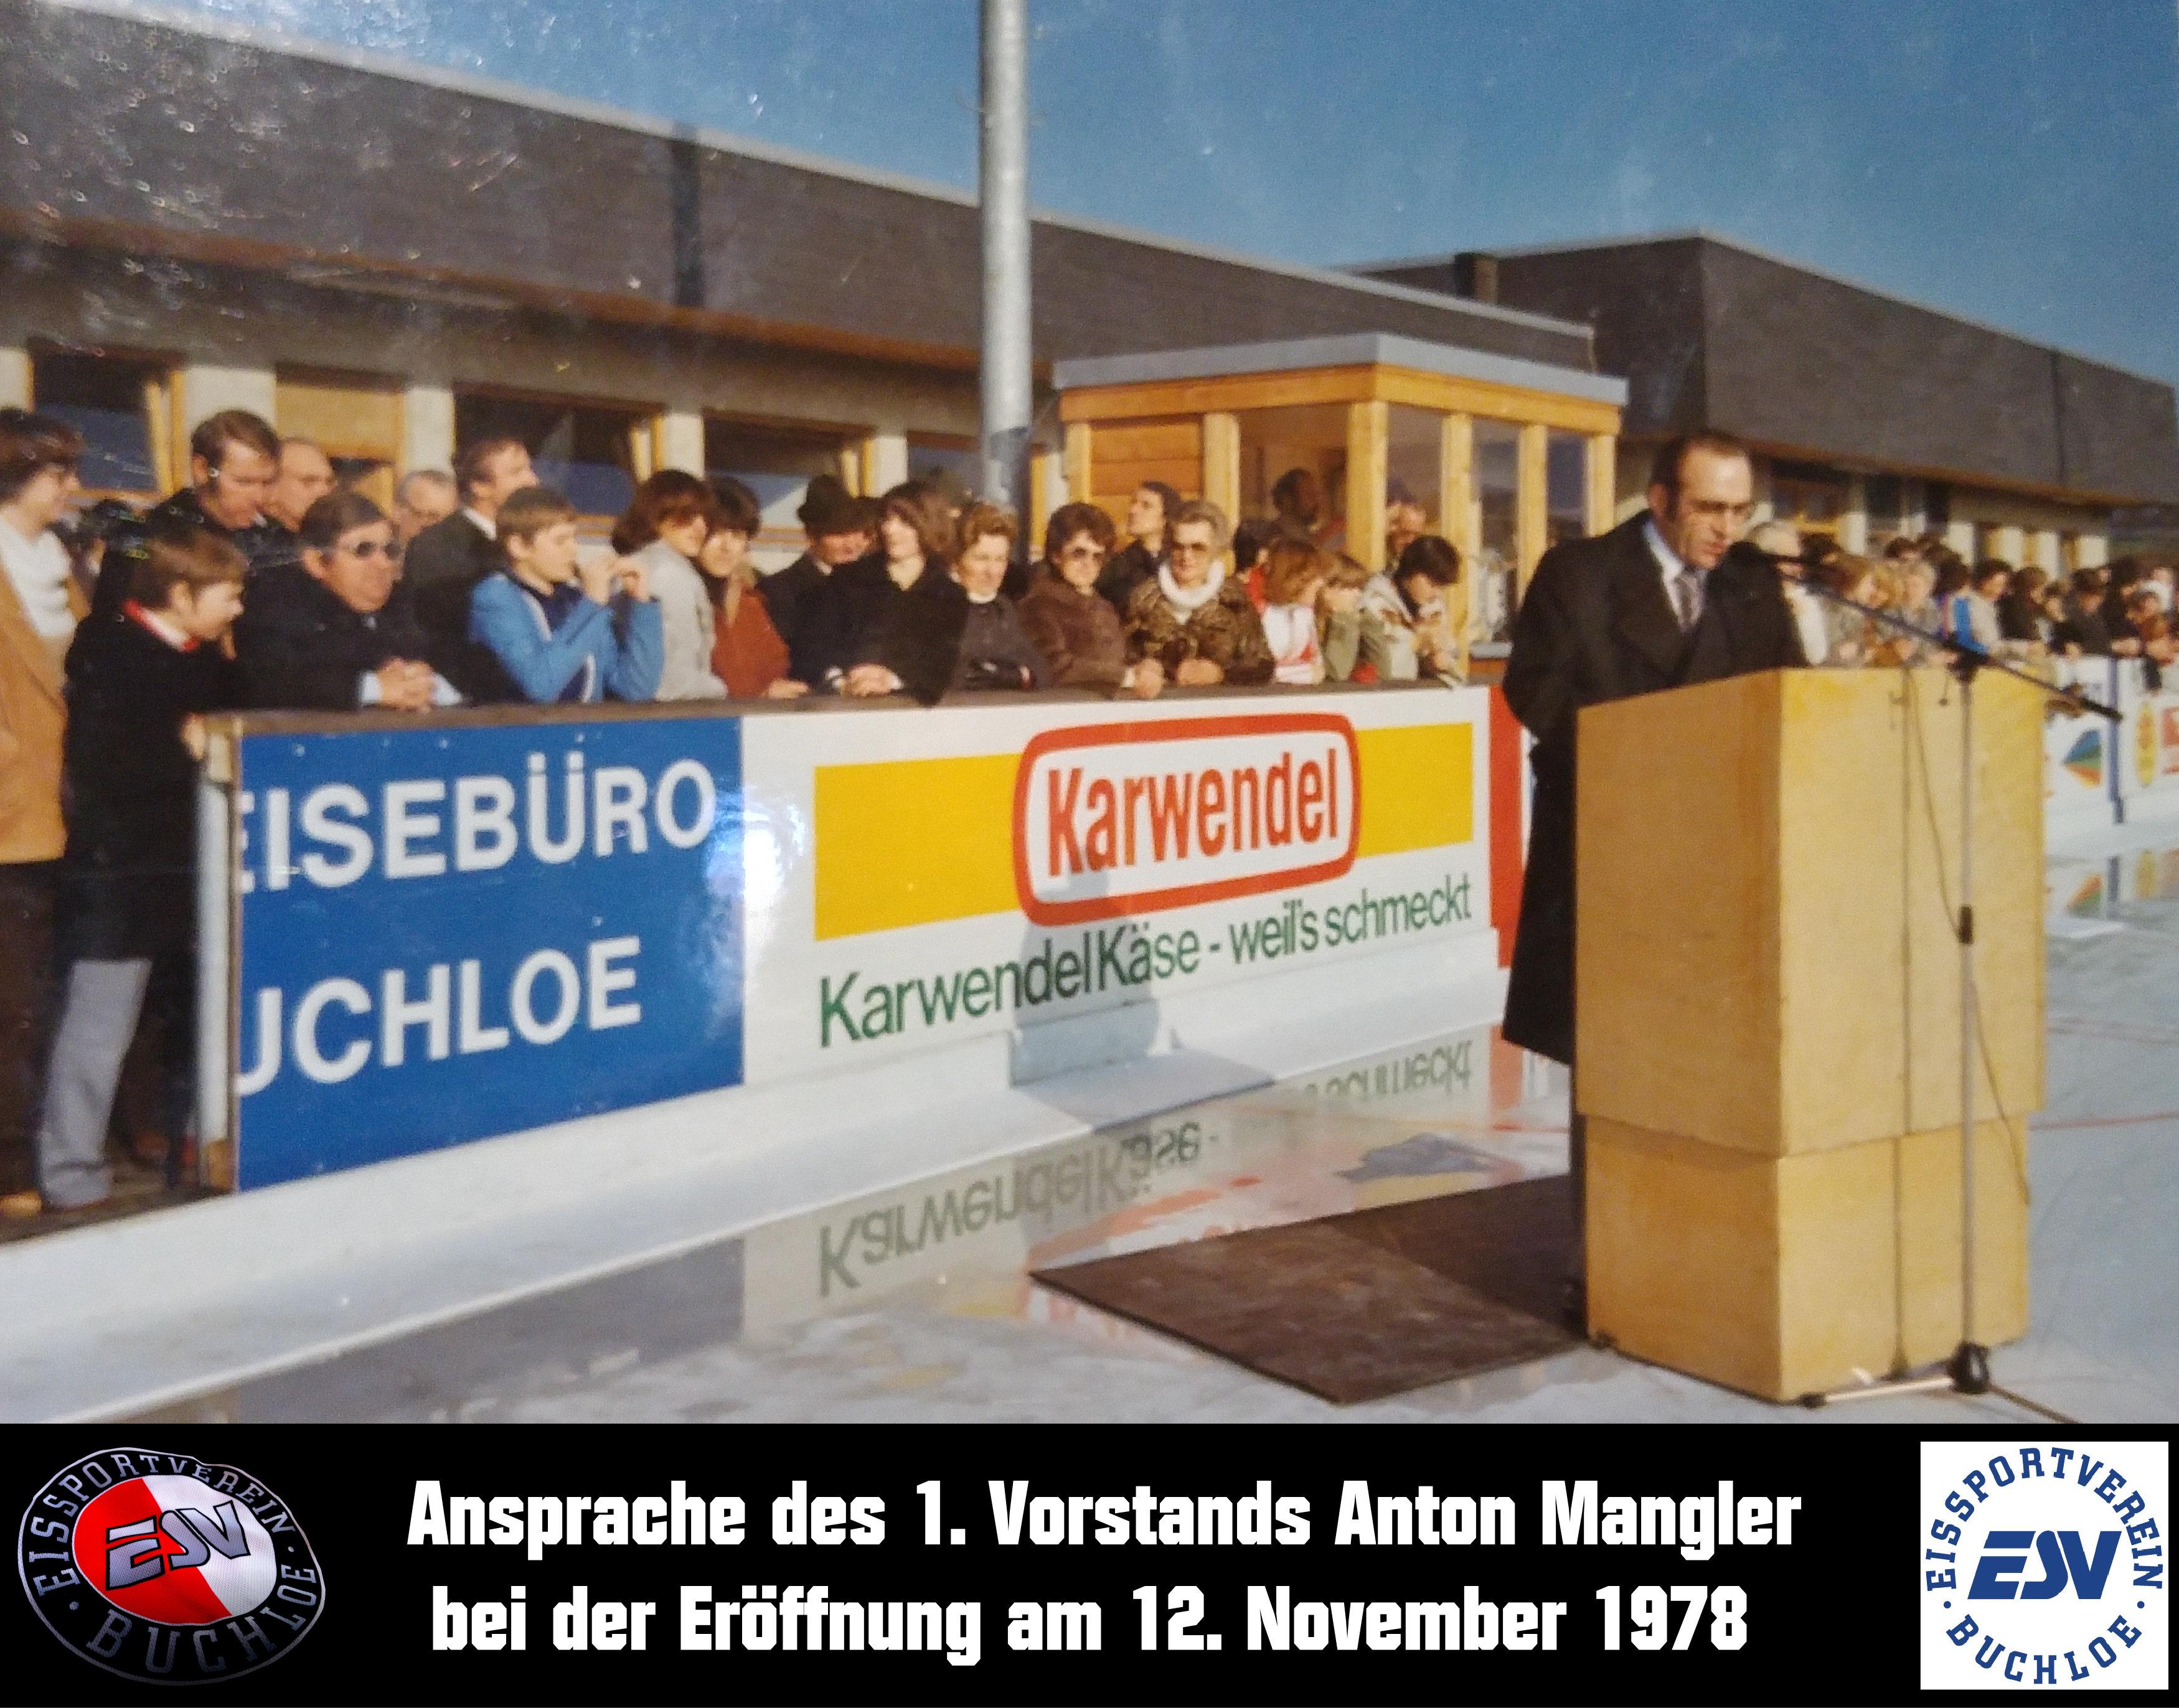 15 Ansprache des 1. Vorstands Anton Mangler bei der Eröffnung